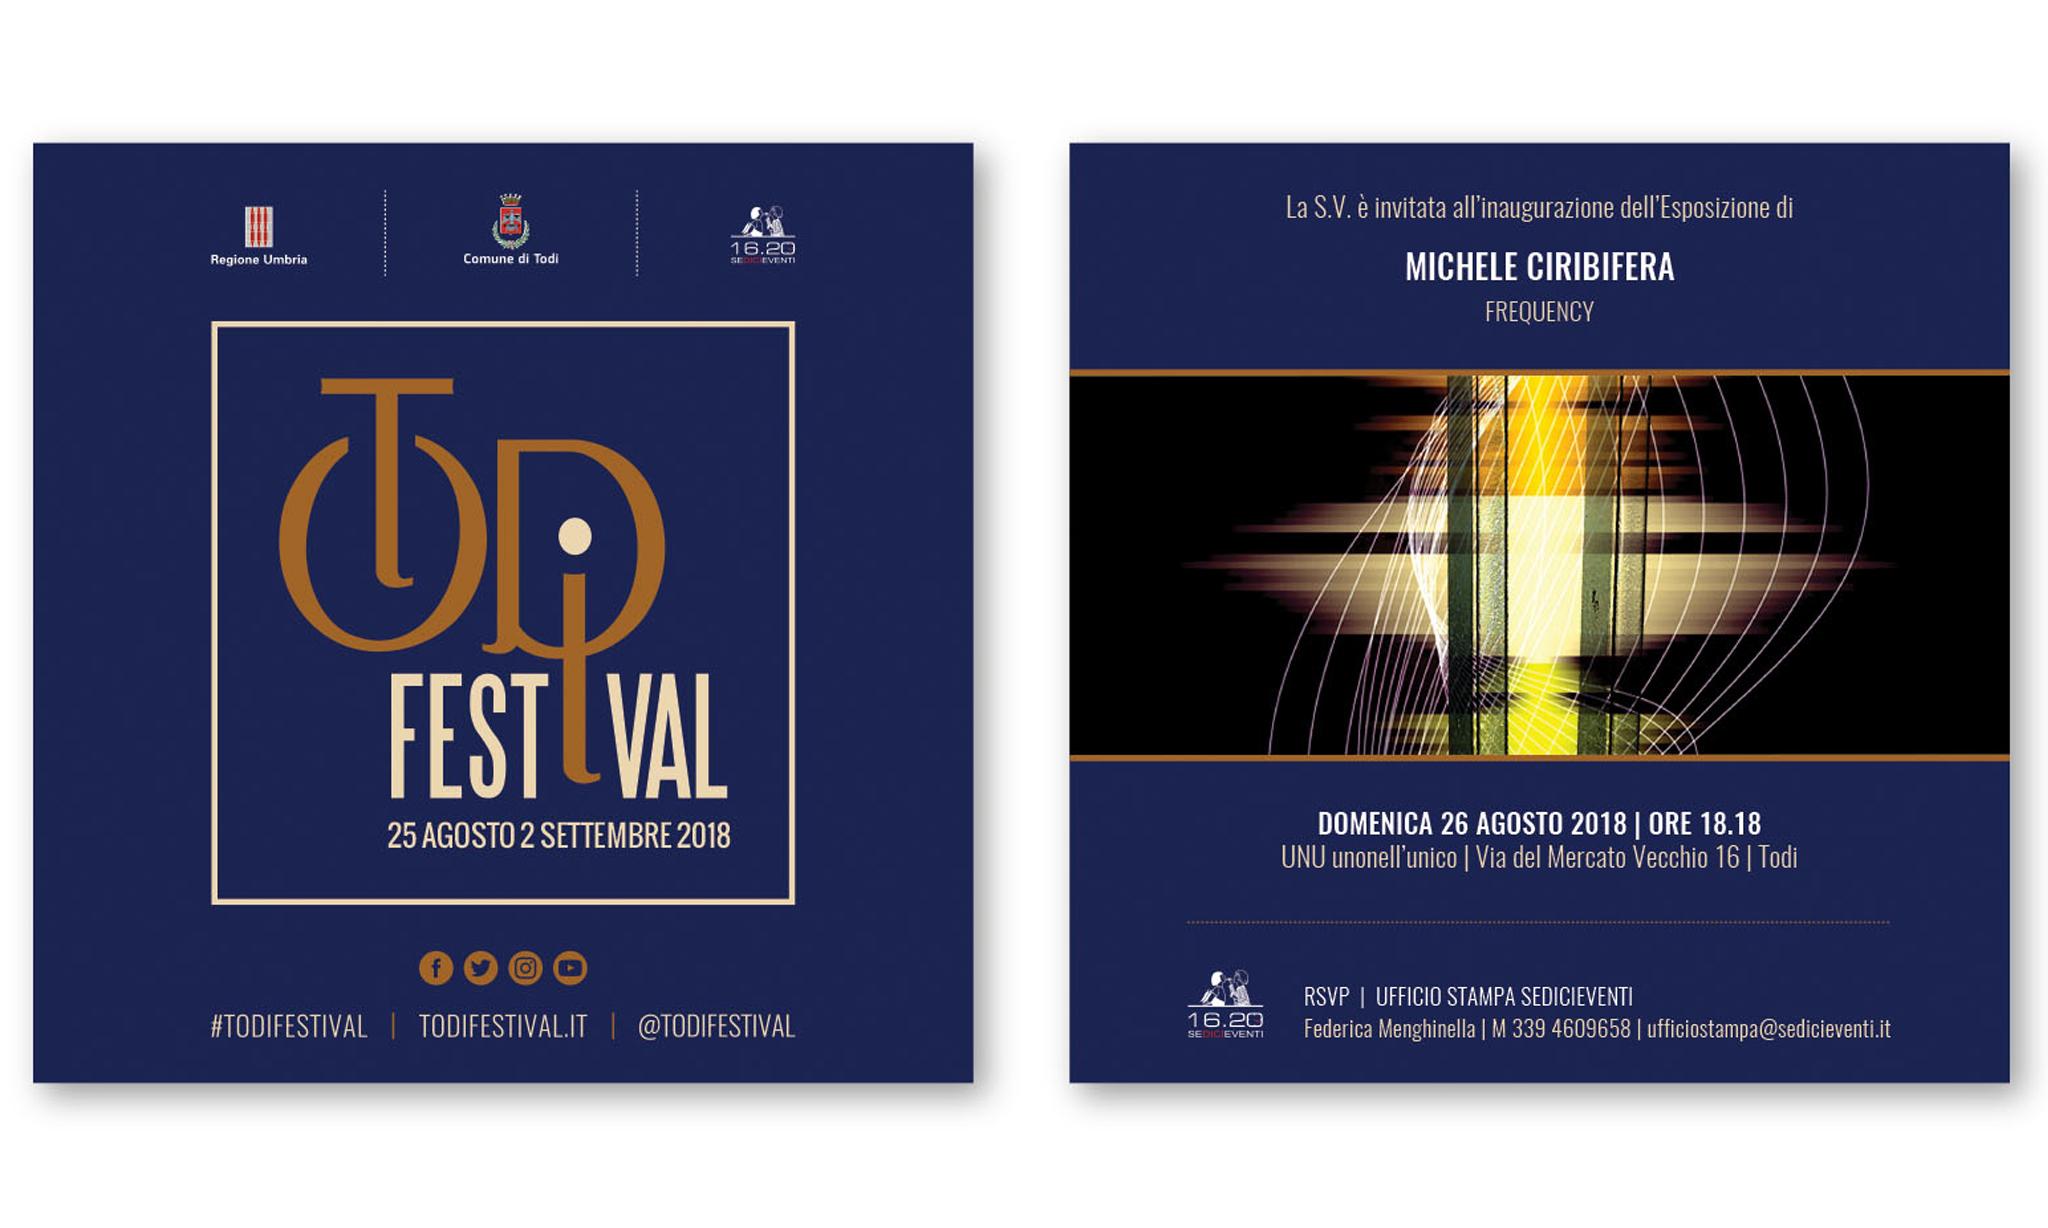 Michele Ciribifera |FREQUENCY |UNU unonell'unico_TODI FESTIVAL 2018